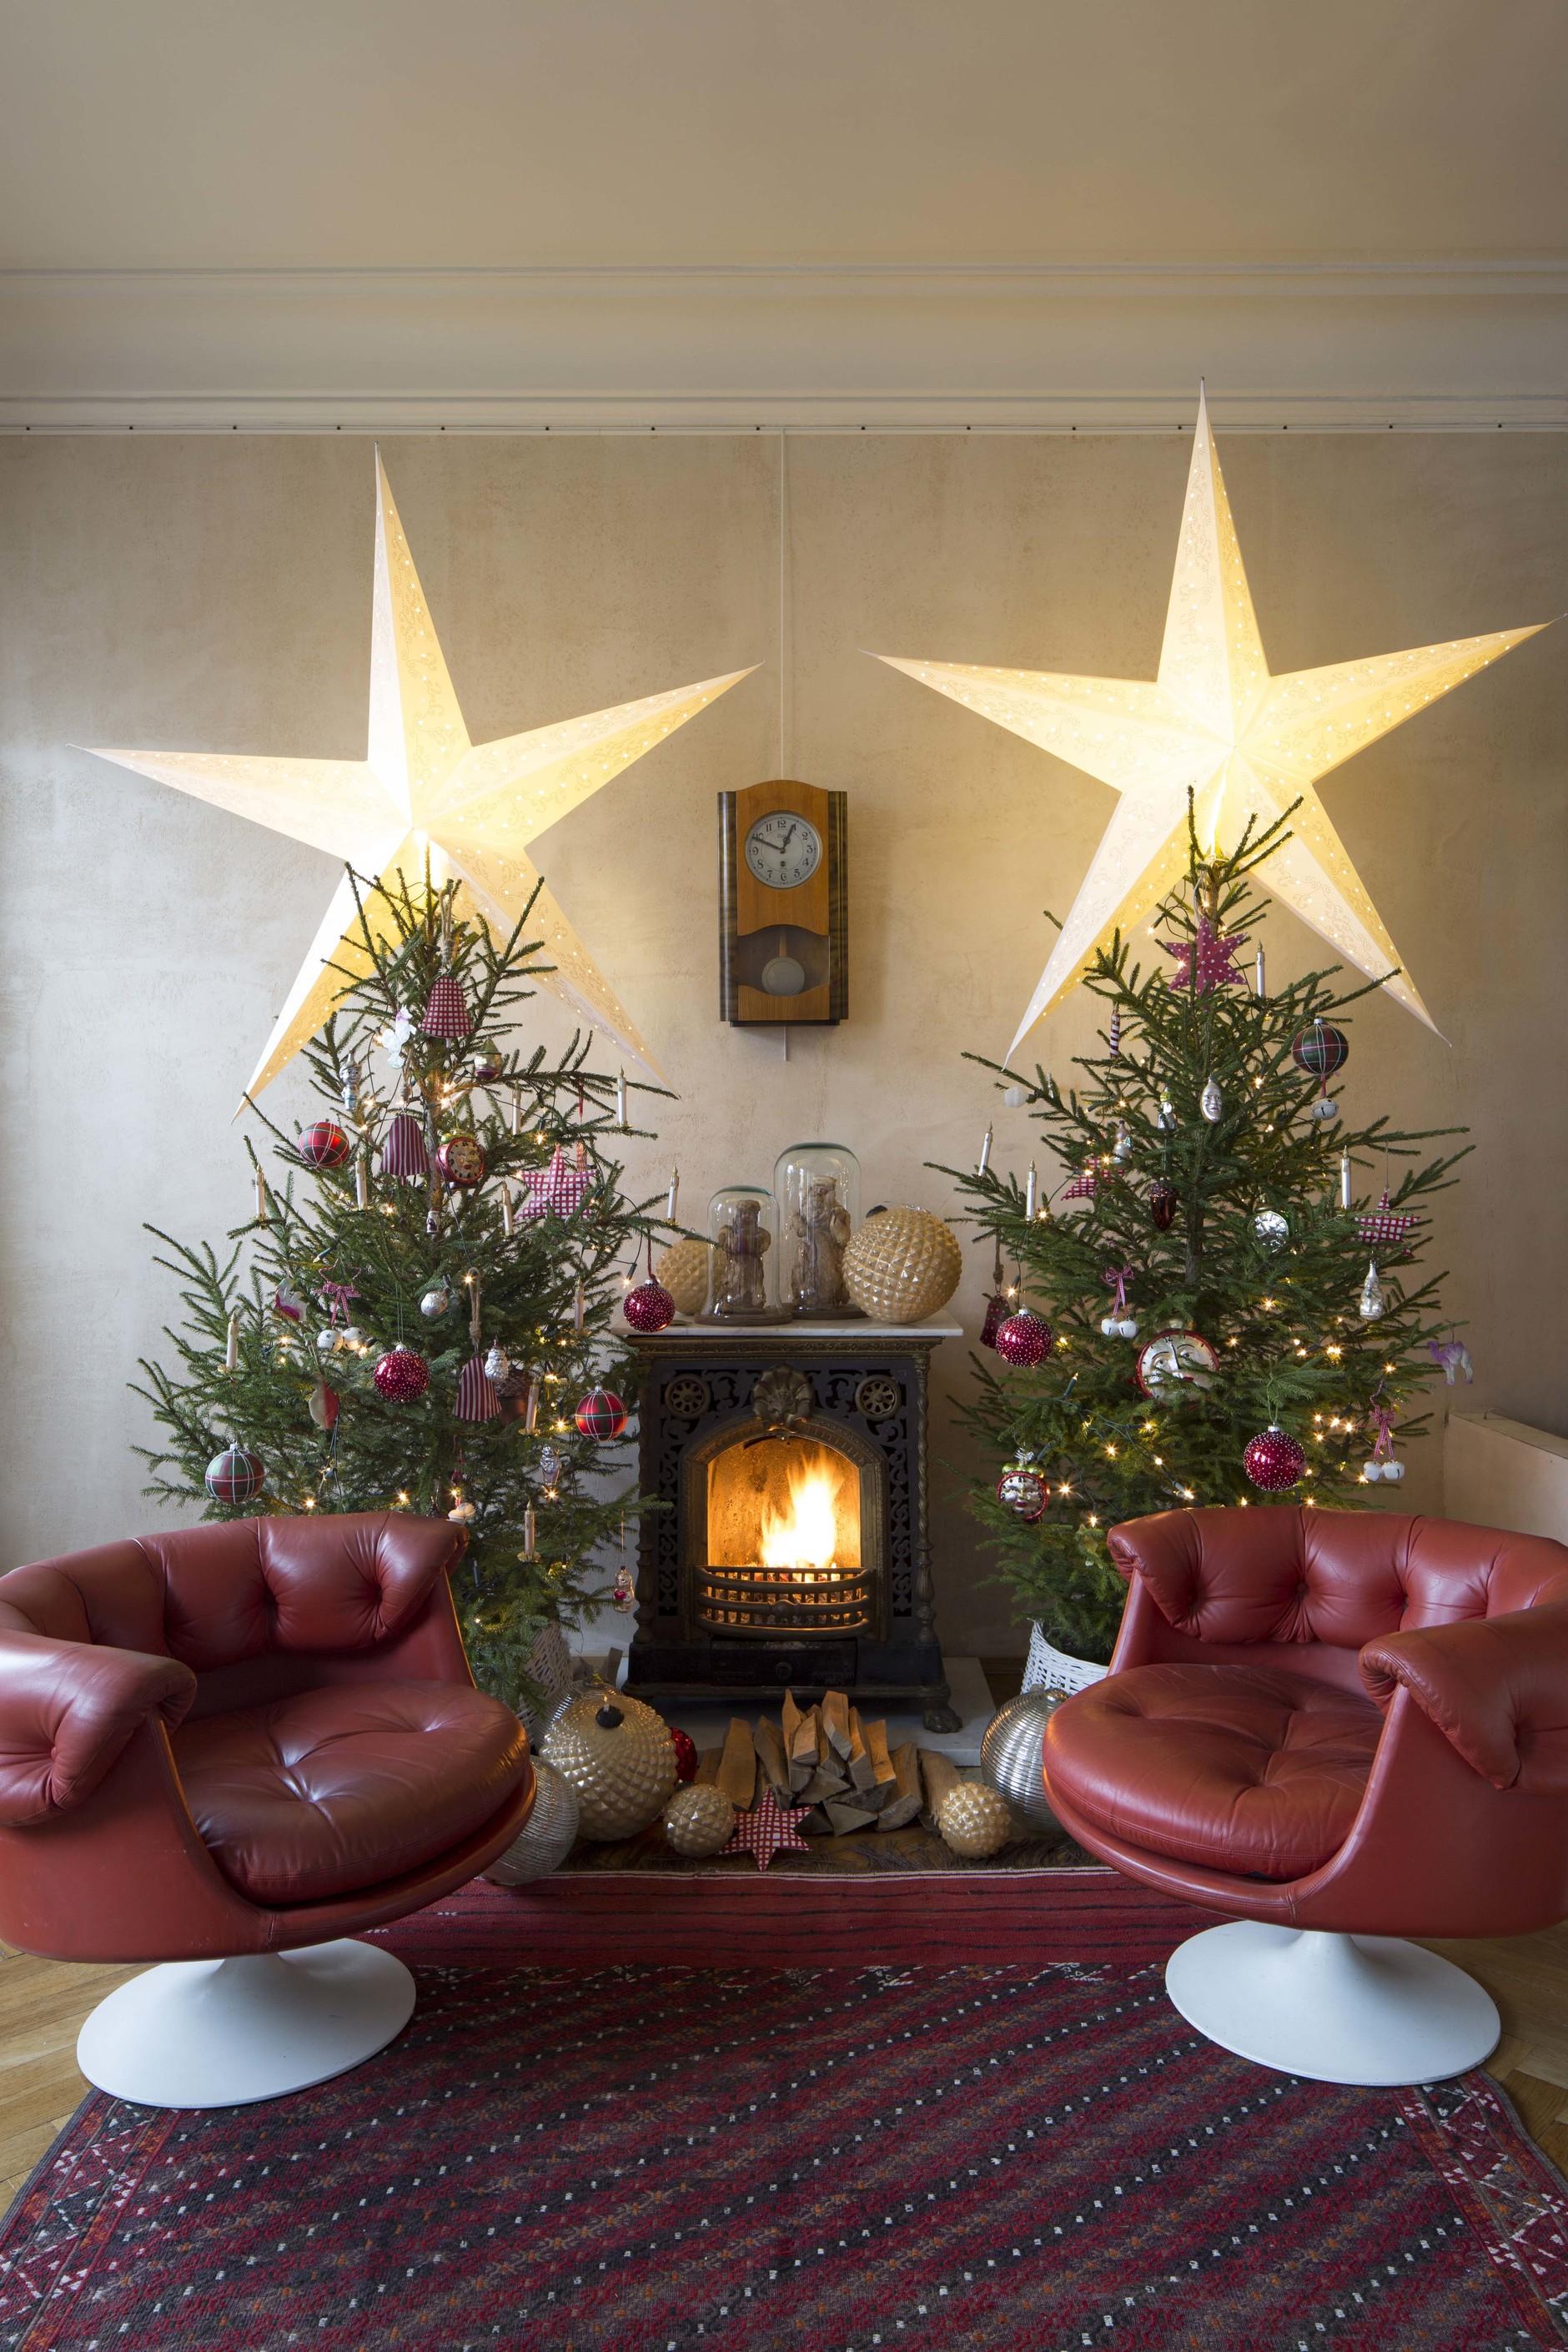 Рождество у камина: 10 идей праздничного декора (галерея 0, фото 8)